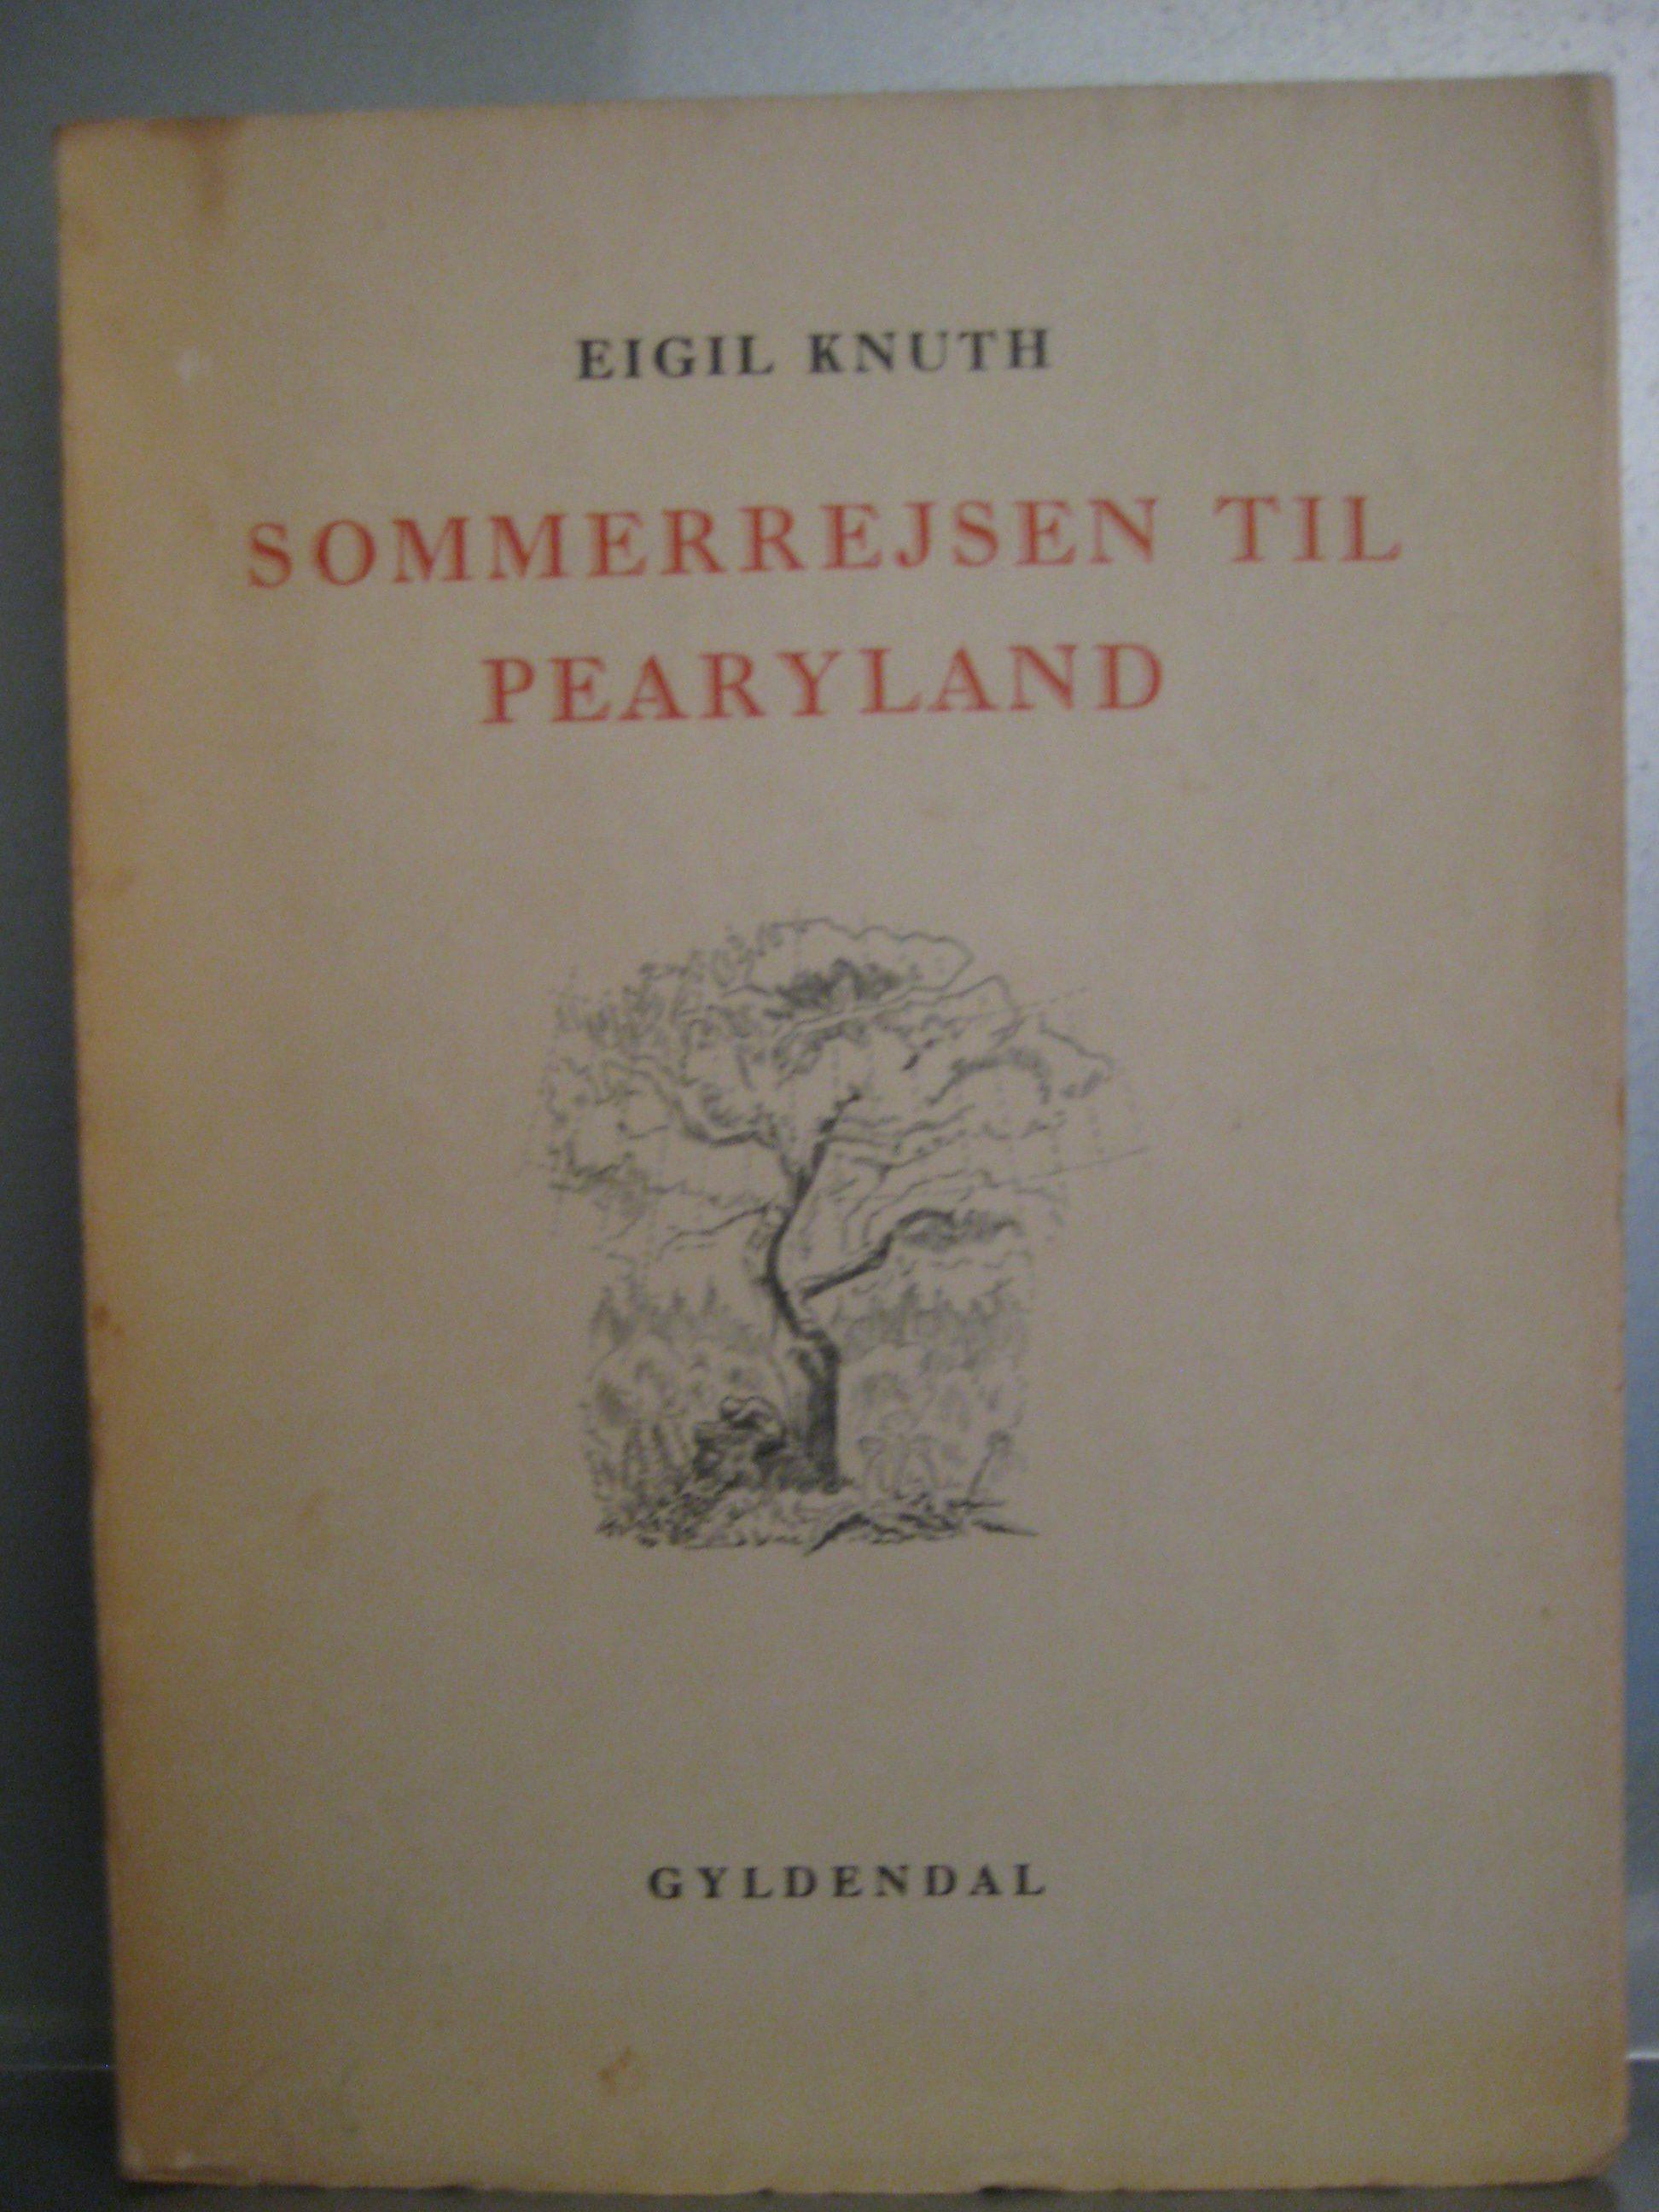 Sommerrejsen til Pearyland